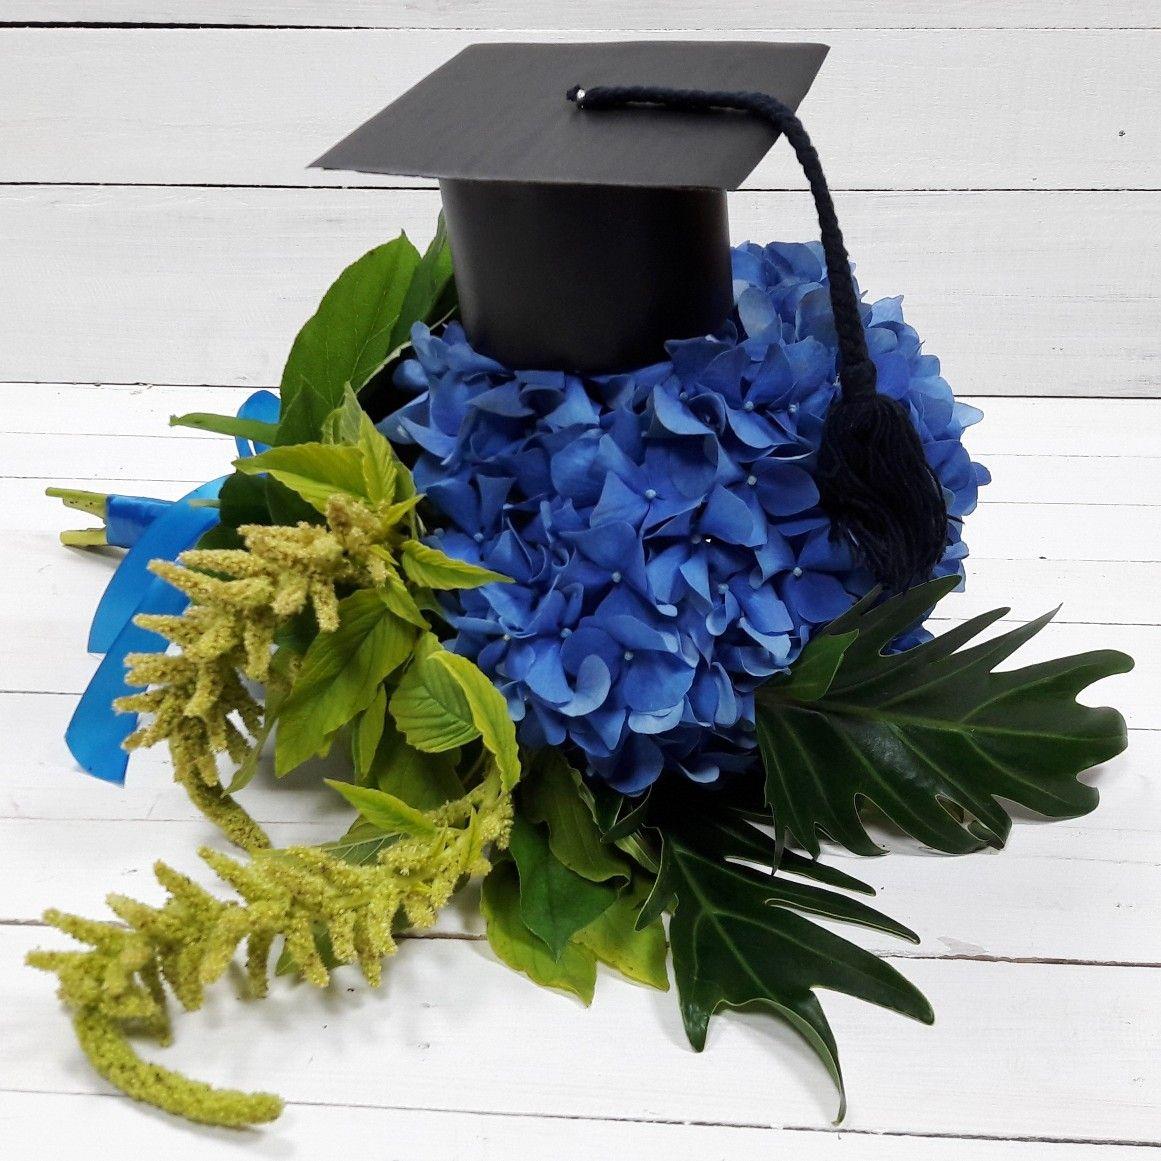 14 Pazdziernika Dzien Nauczyciela Zamow Kwiaty Juz Dzis A Jesli Nie Wiesz Na Co Sie Zdecydowac Sprawd Hanukkah Wreath Hanukkah Wreaths